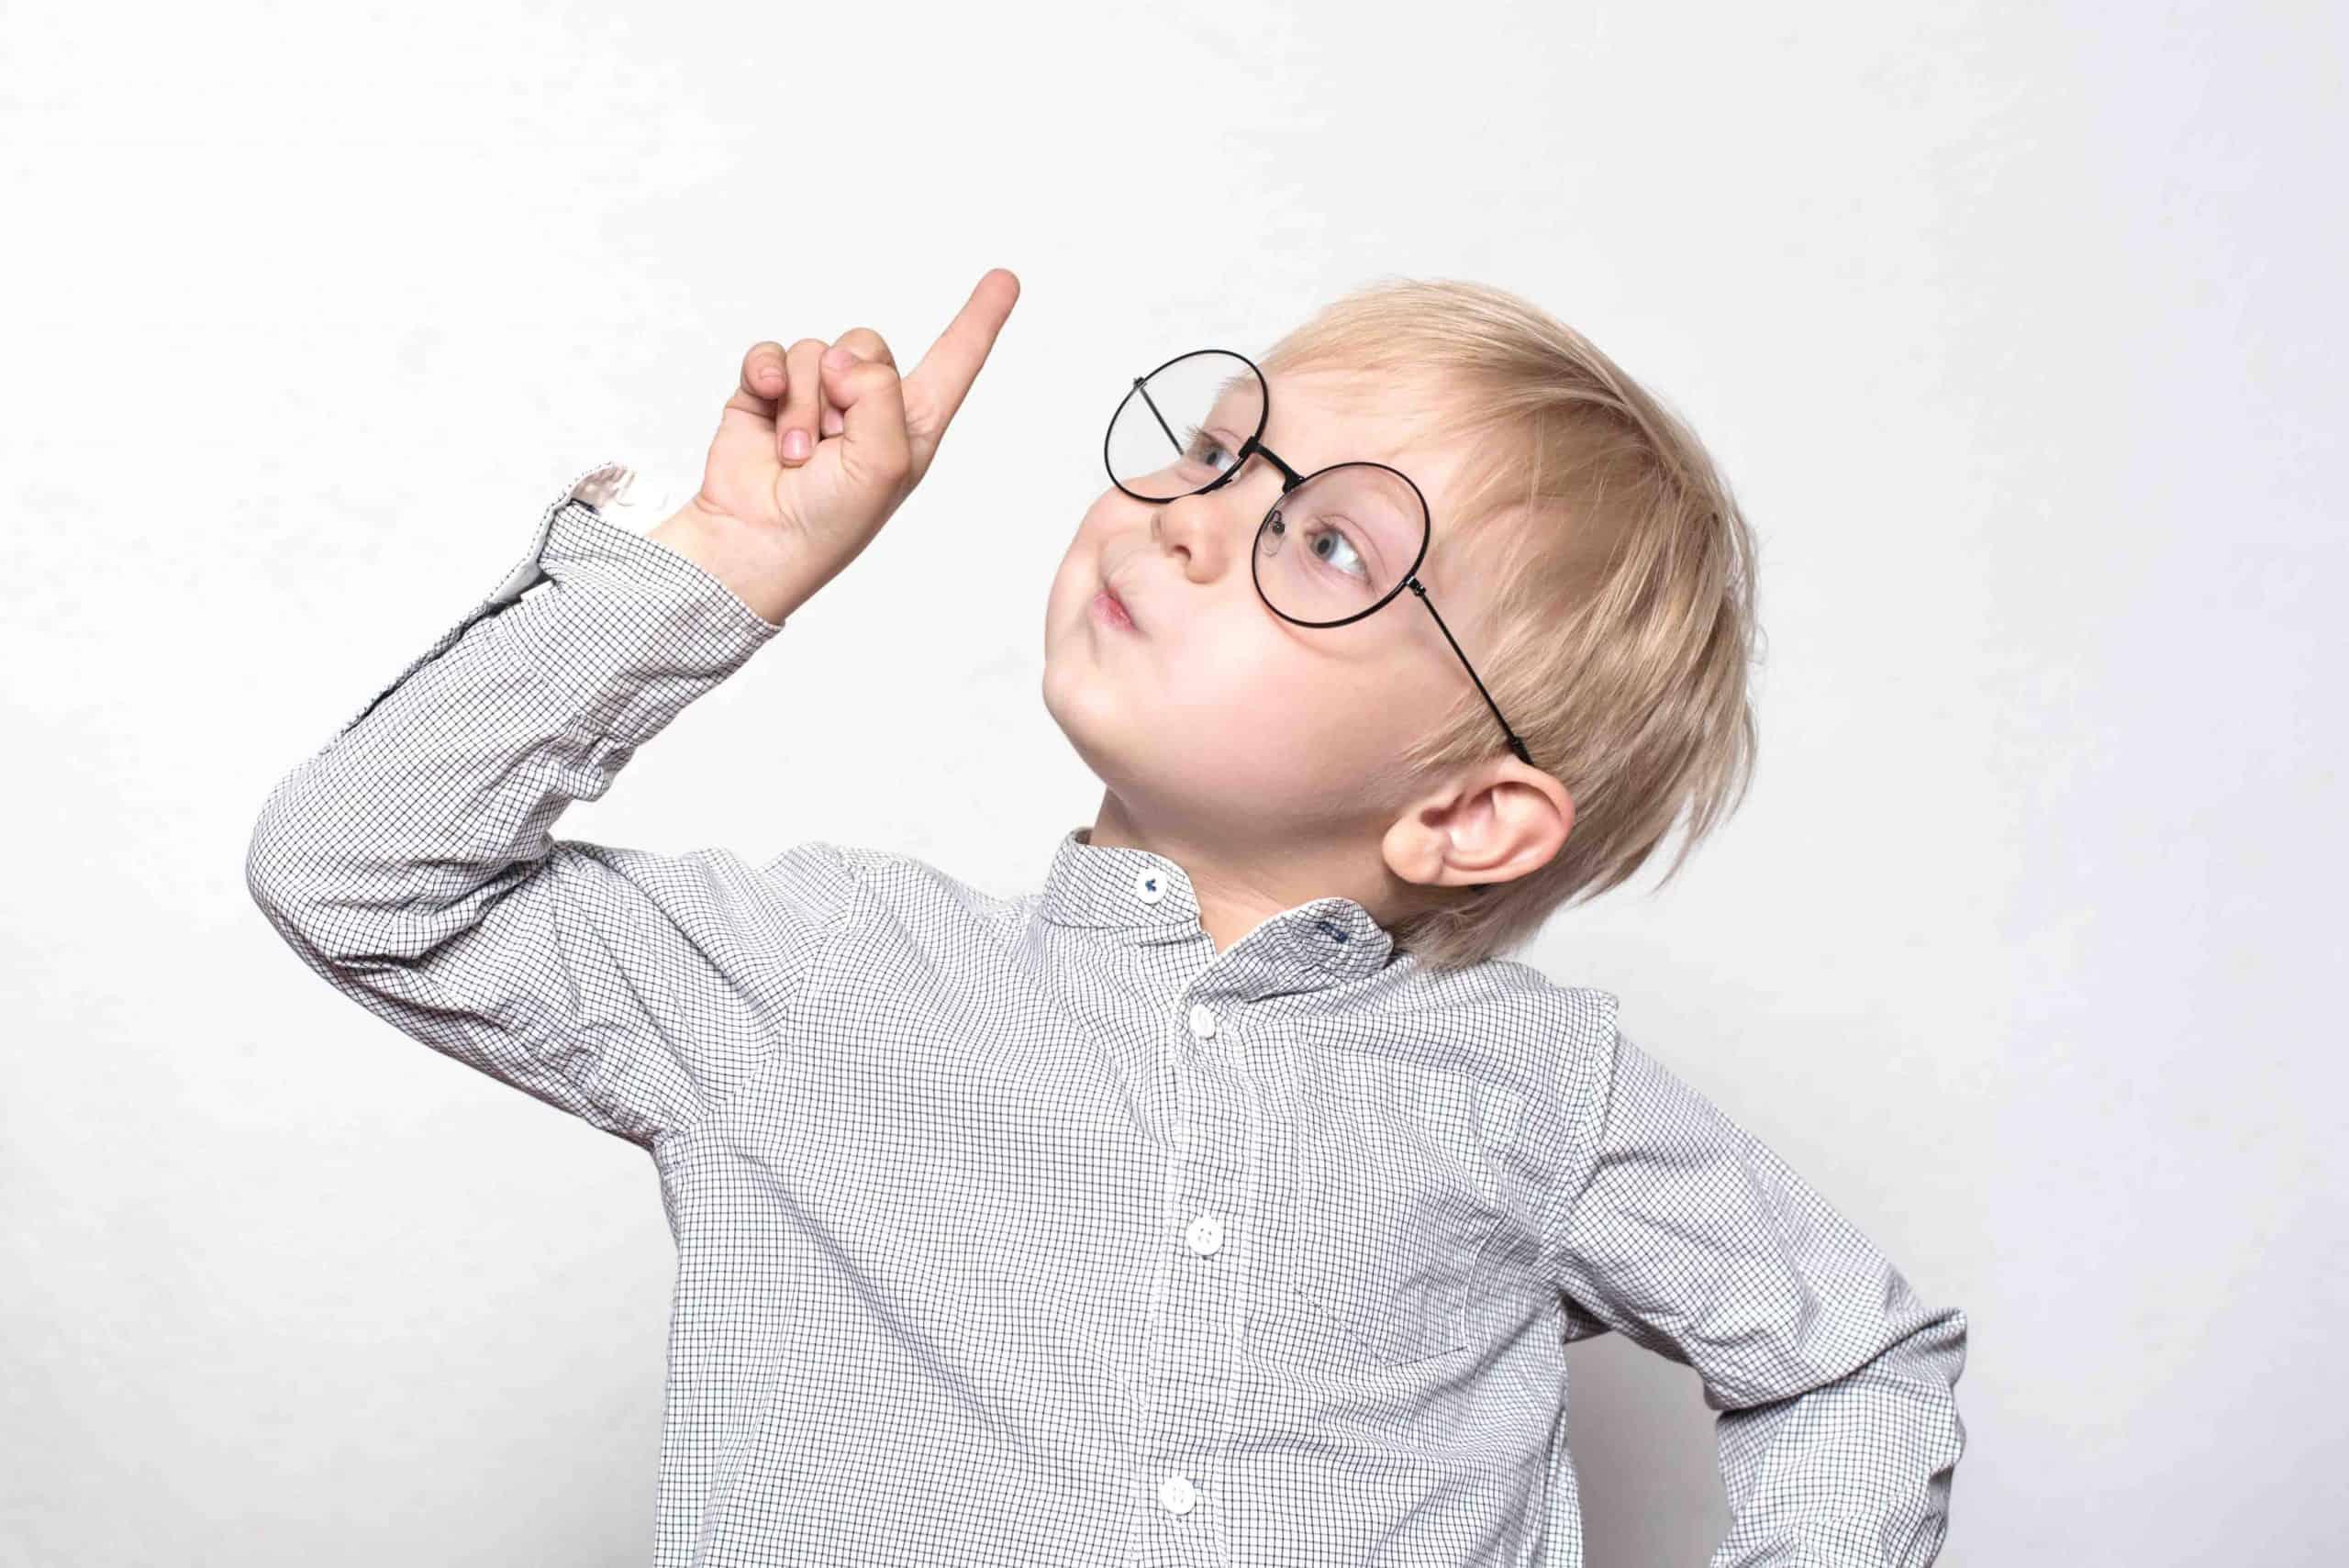 10 Tips for Raising Smart Kids